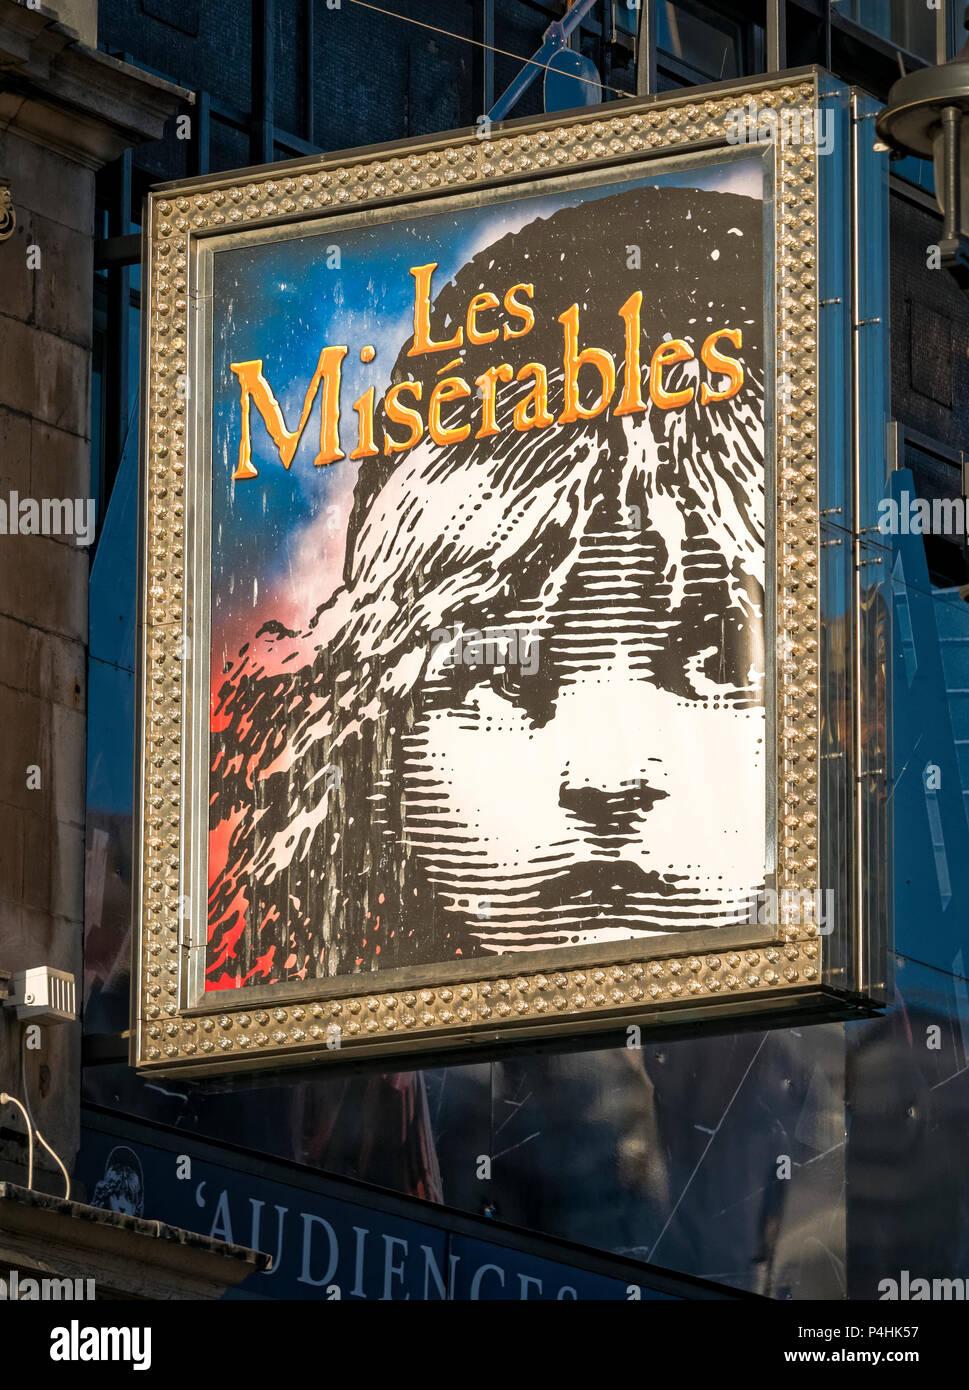 Les Miserables Zeichen über ein Theater im Londoner West End, Les Miserables ist ein Stadium der Produktion und auch ein Film, ursprünglich ein Buch 1862 geschrieben Stockbild